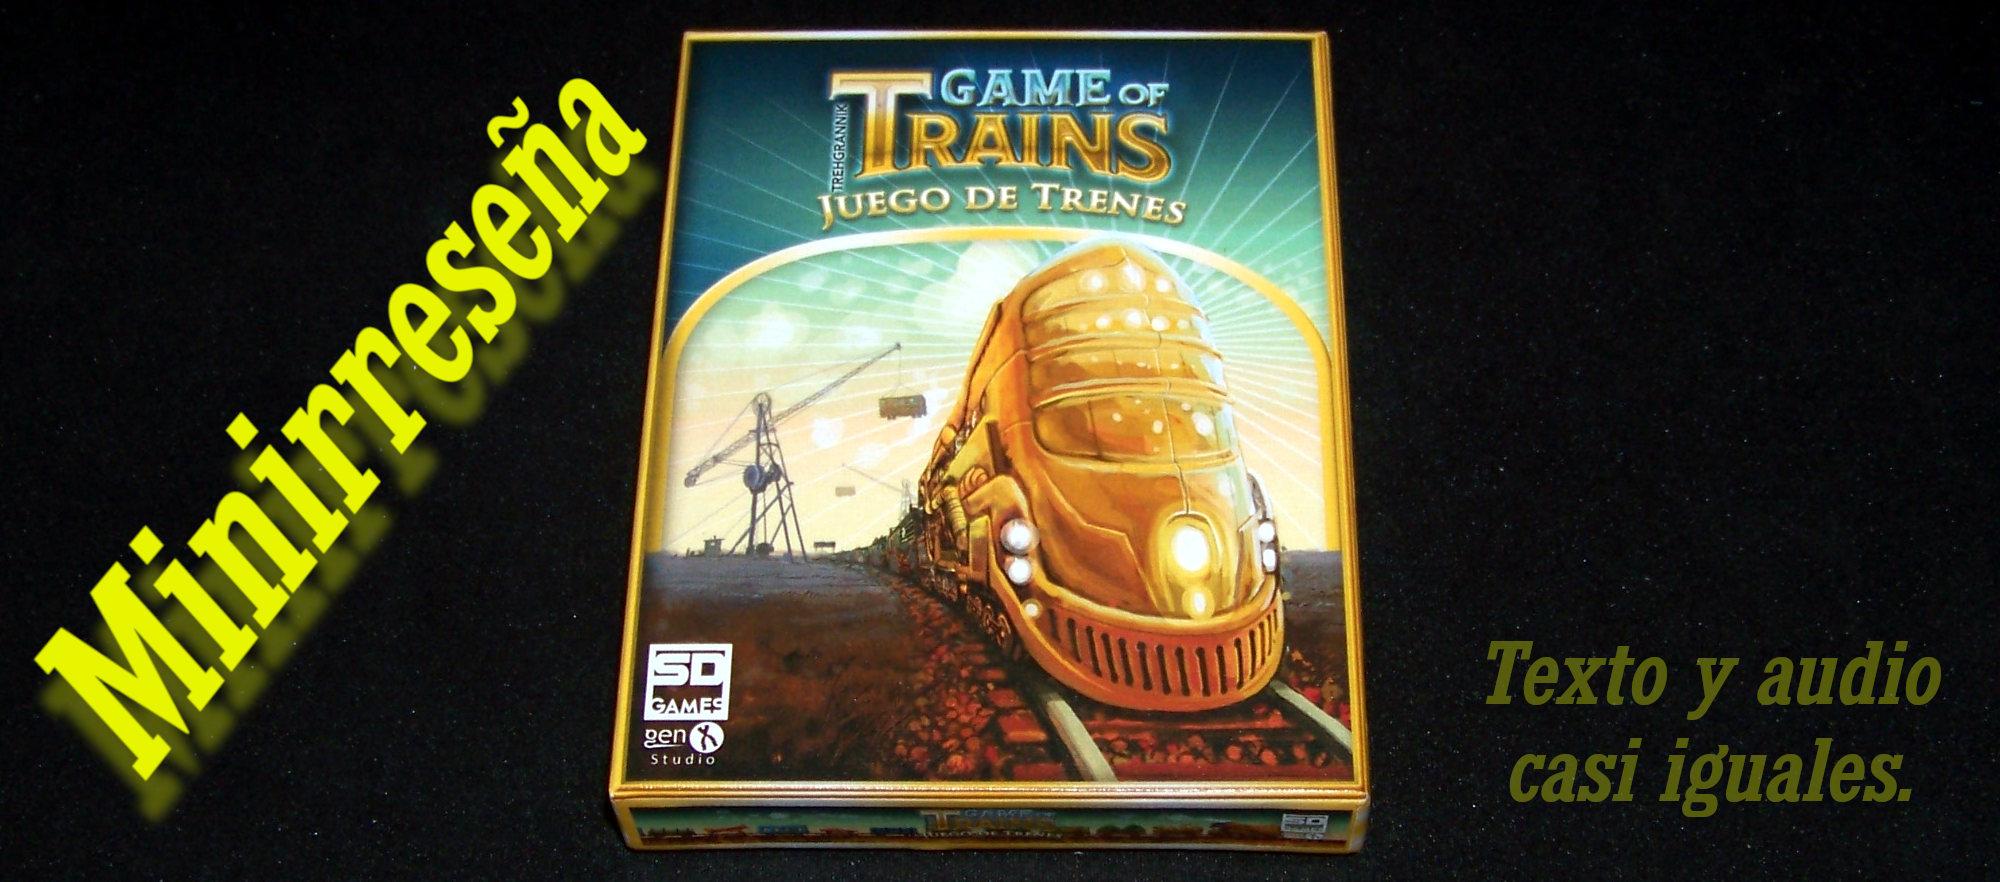 Juego de mesa Game of Trains - carátula